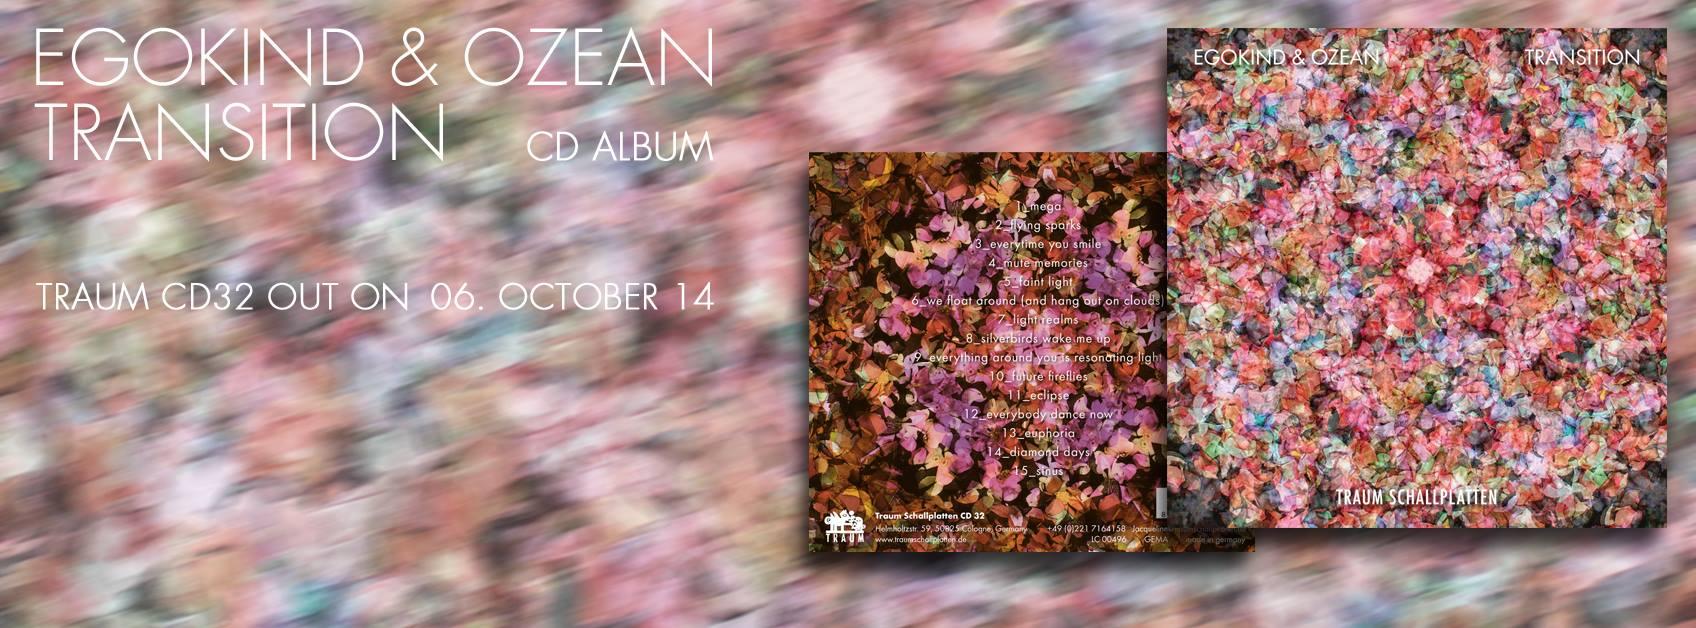 Traum presenta el nuevo album de Egokind & Ozean llamado Transition